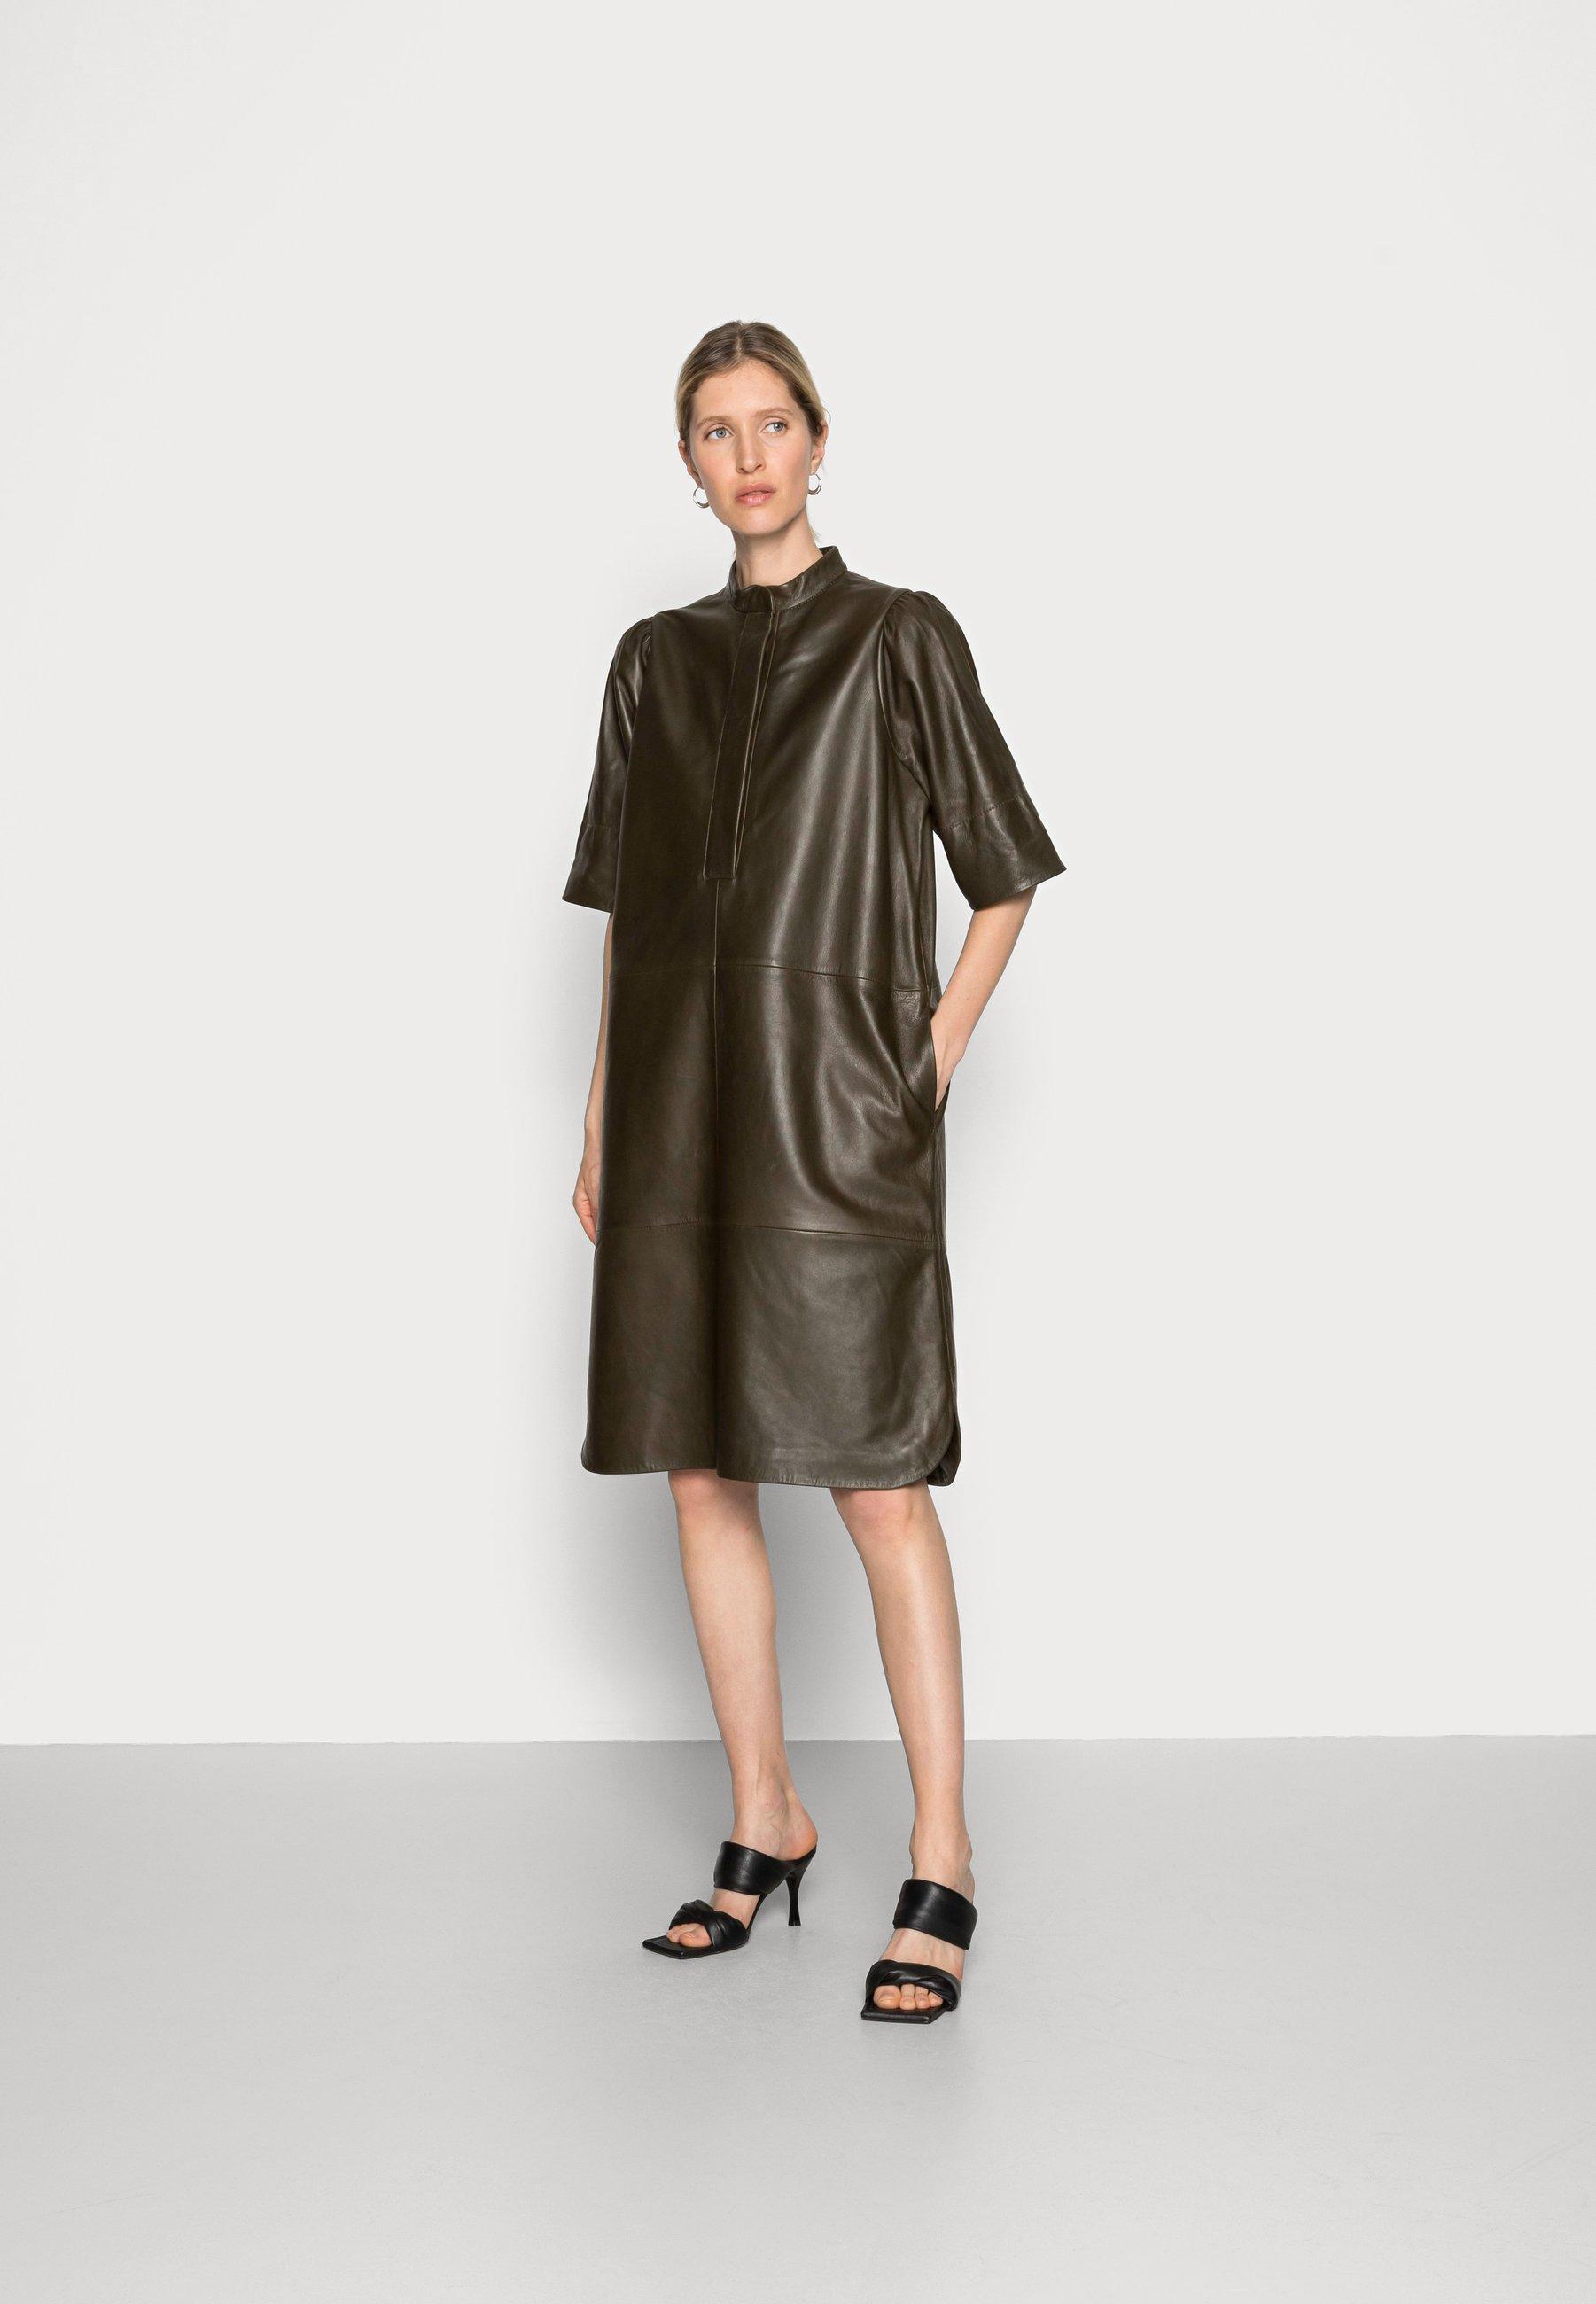 Damen INDIE LEATHER NEW DRESS - Freizeitkleid